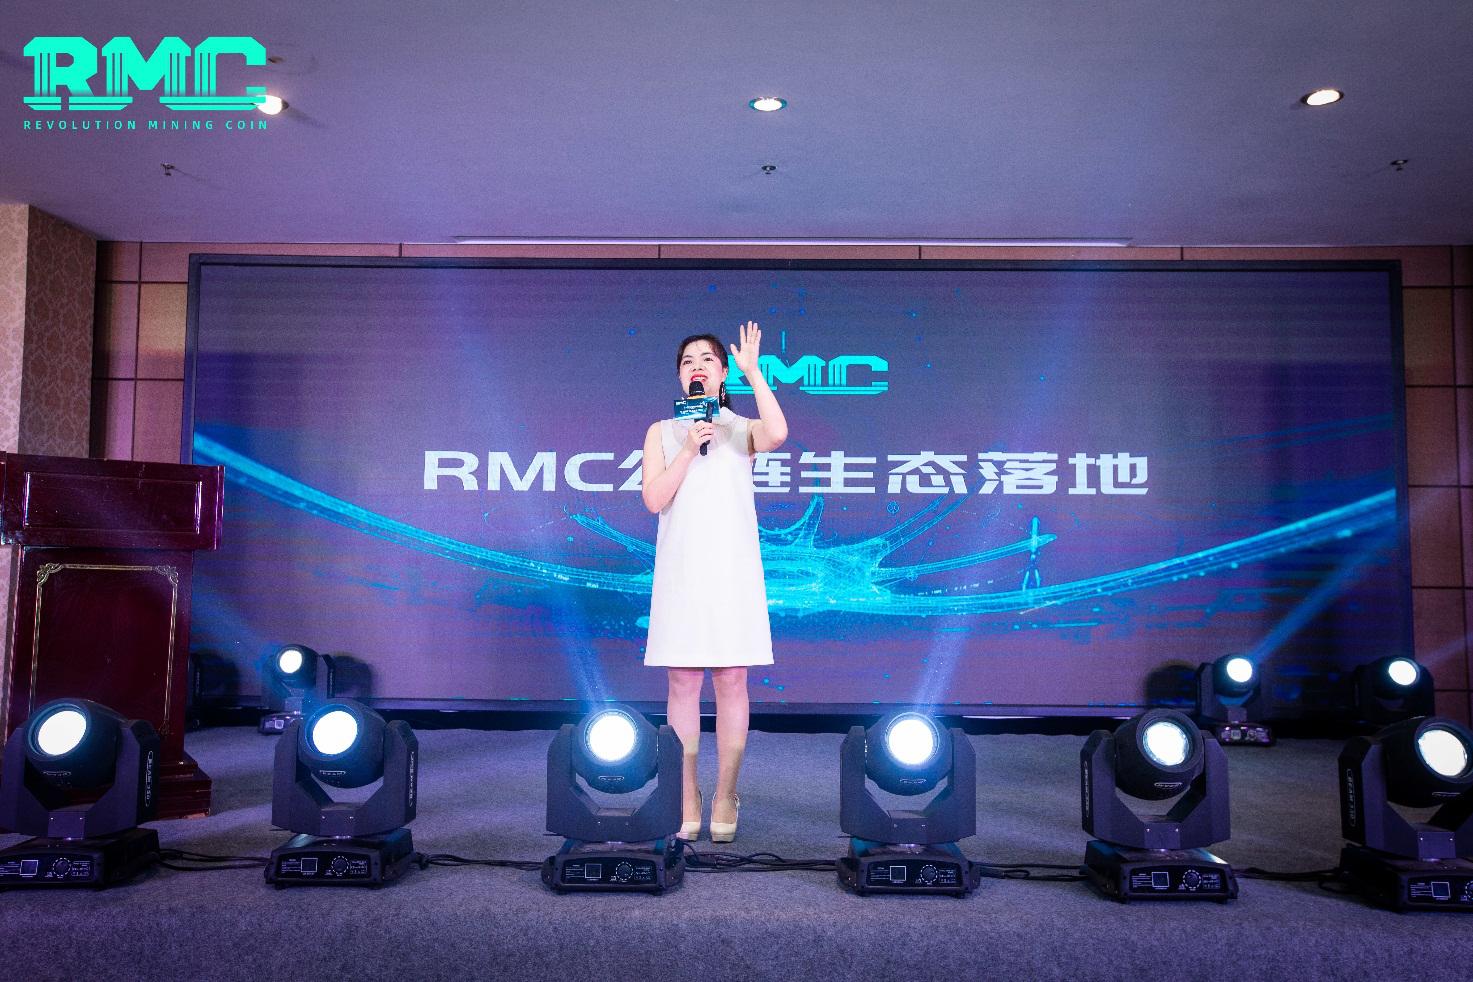 全球数字矿业创新峰会暨RMC链动未来共识生态大会圆满成功